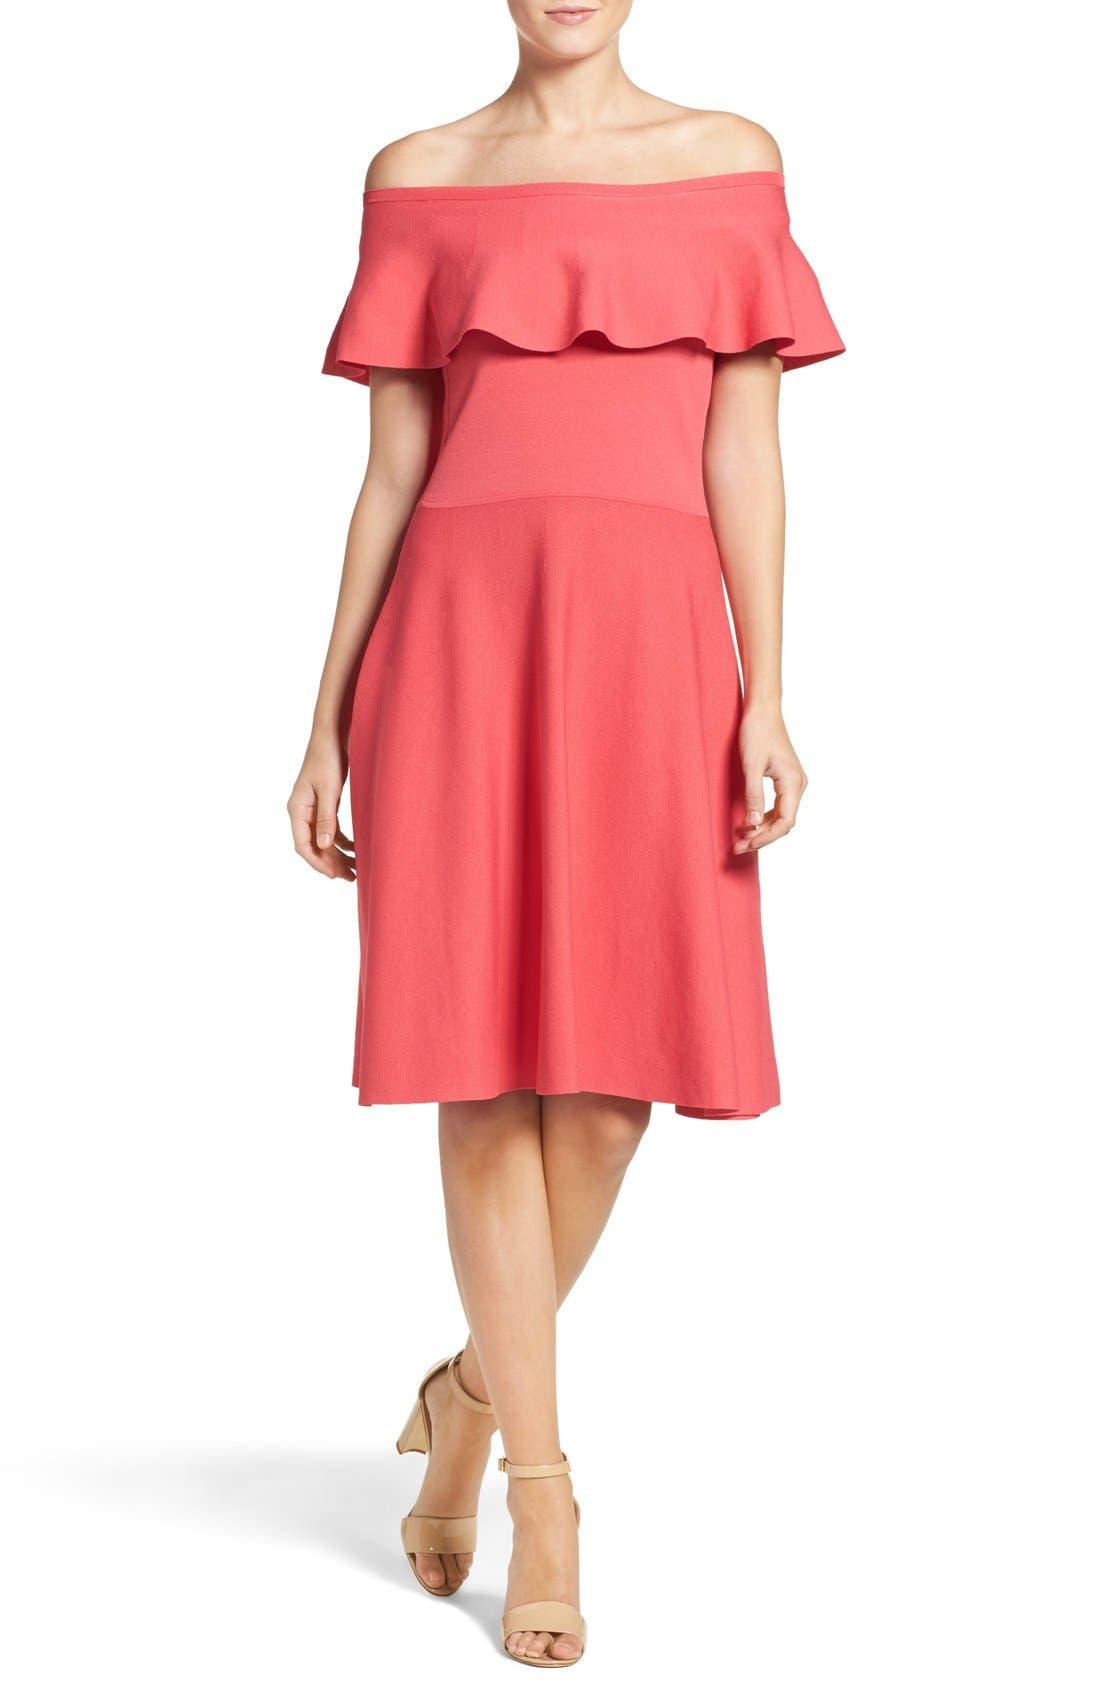 Alternate Image 1 Selected - Eliza J Off the Shoulder Dress (Regular & Petite)